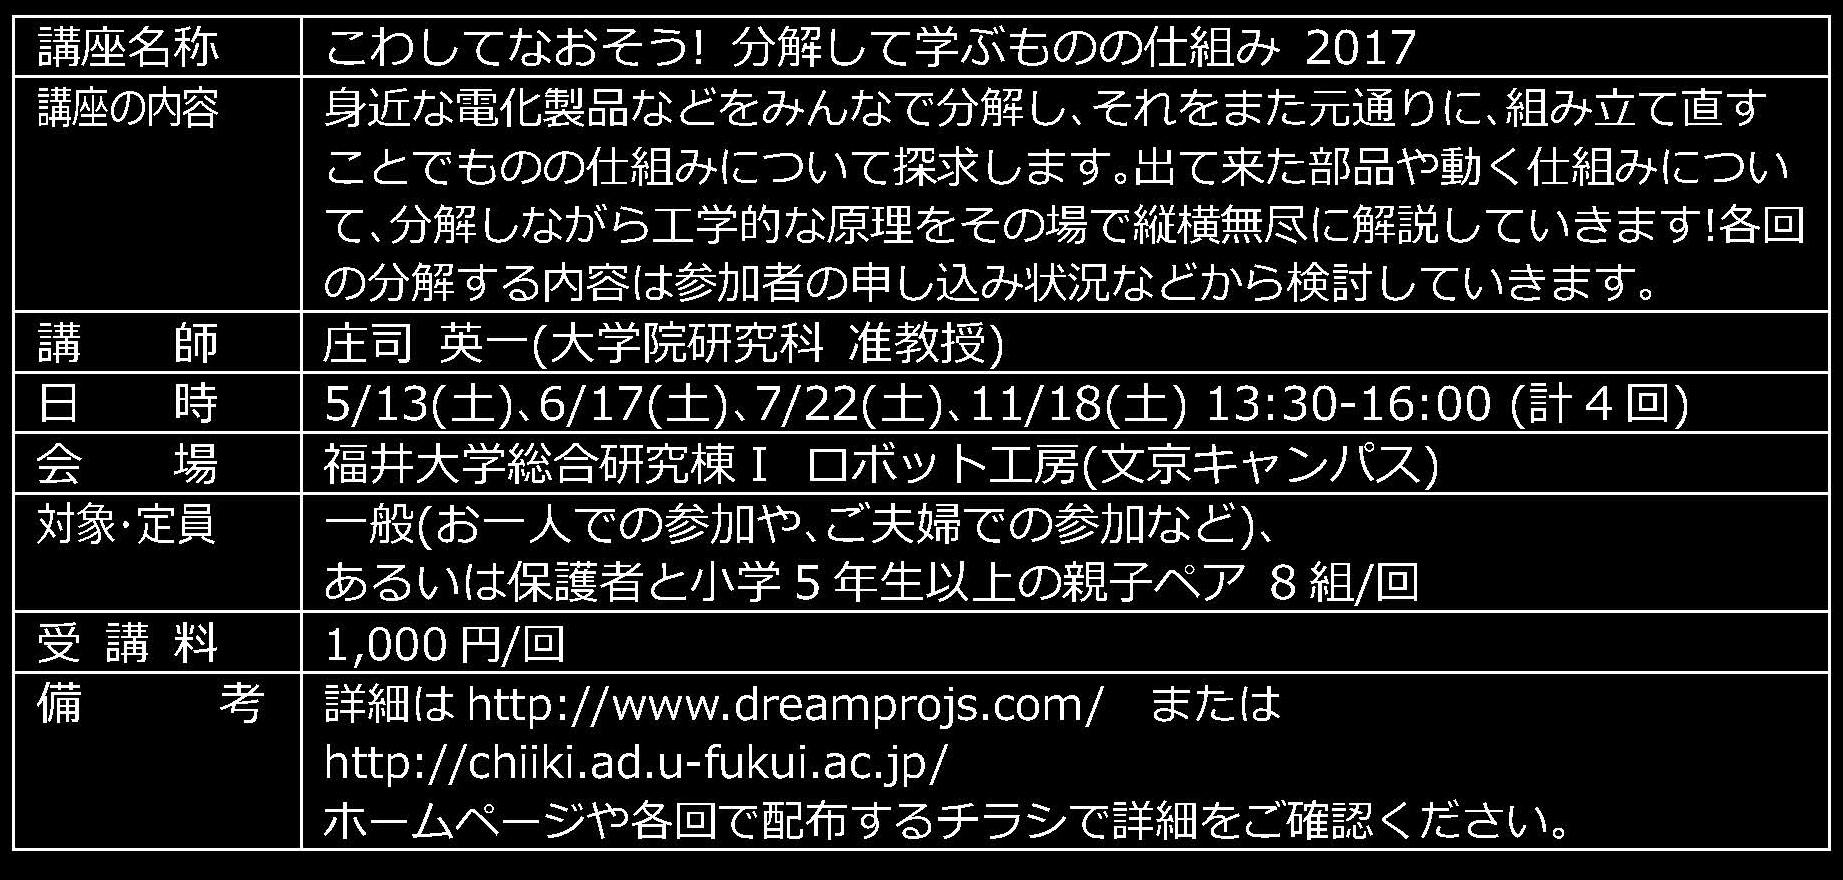 2017kokai_2s1.jpg